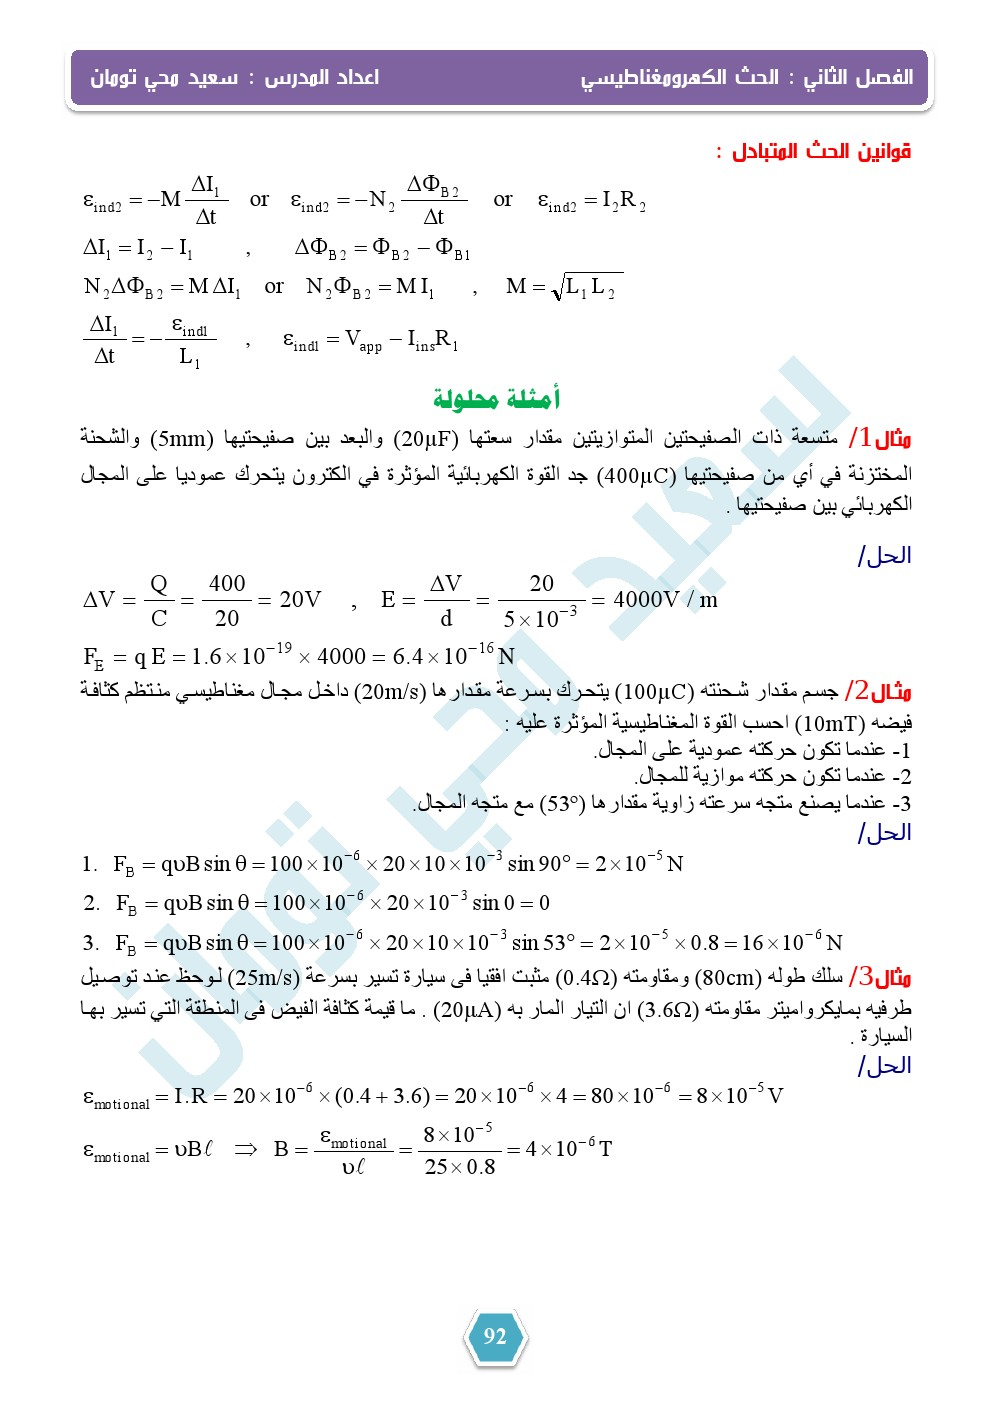 كتاب الاحياء للصف الثالث متوسط 2019 pdf